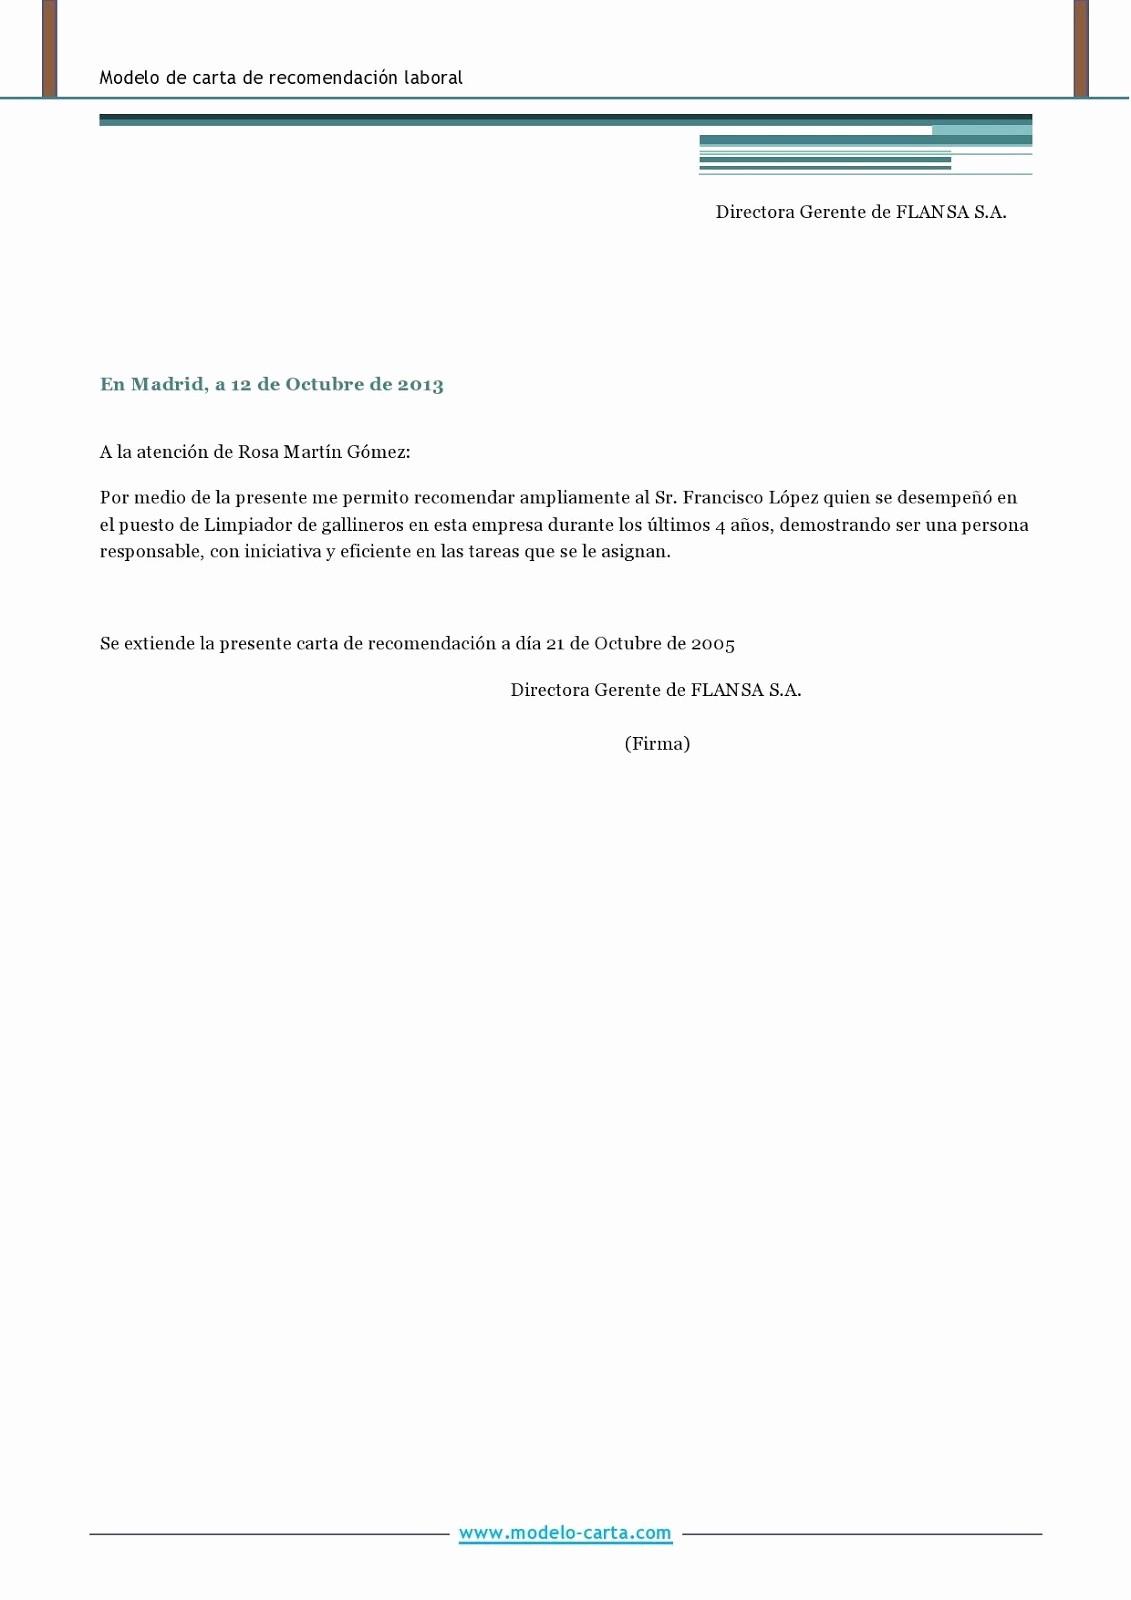 Formatos Carta De Recomendacion Personal Inspirational Carta De Re Endacion Personal Word Wood Scribd Mexico